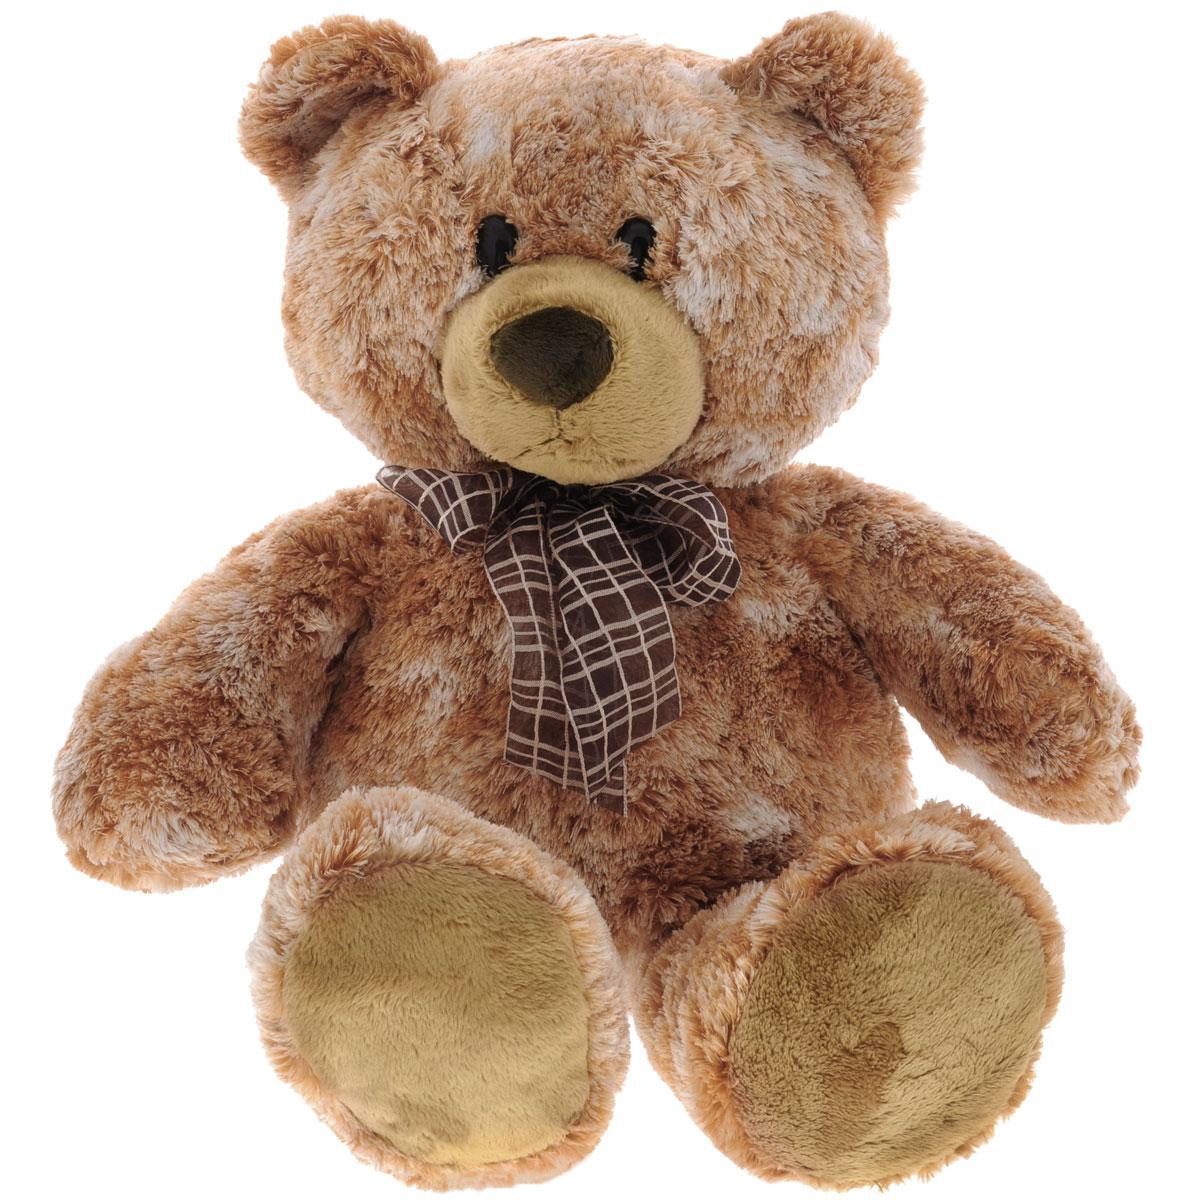 Игрушка мягкая Aurora Медведь сидячий, цвет: оранжевый, белый, 48 см. 214/2214/2Очаровательная мягкая игрушка Медведь сидячий не оставит вас равнодушным и вызовет улыбку у каждого, кто ее увидит. Игрушка выполнена из синтепона в виде милого медвежонка с бантиком на шее. Милые, мягкие и безопасные игрушки отличаются реалистичным внешним видом, напоминающим настоящего питомца. Только посмотрите на эту милую мордашку, которая так приветливо смотрит на вас. Разве можно устоять перед ее обаянием? Конечно нет, да и не нужно! Такая игрушка вызывает умиление не только у детей, но и у взрослых. Поэтому она станет отличным подарком не только ребенку, но и друзьям!